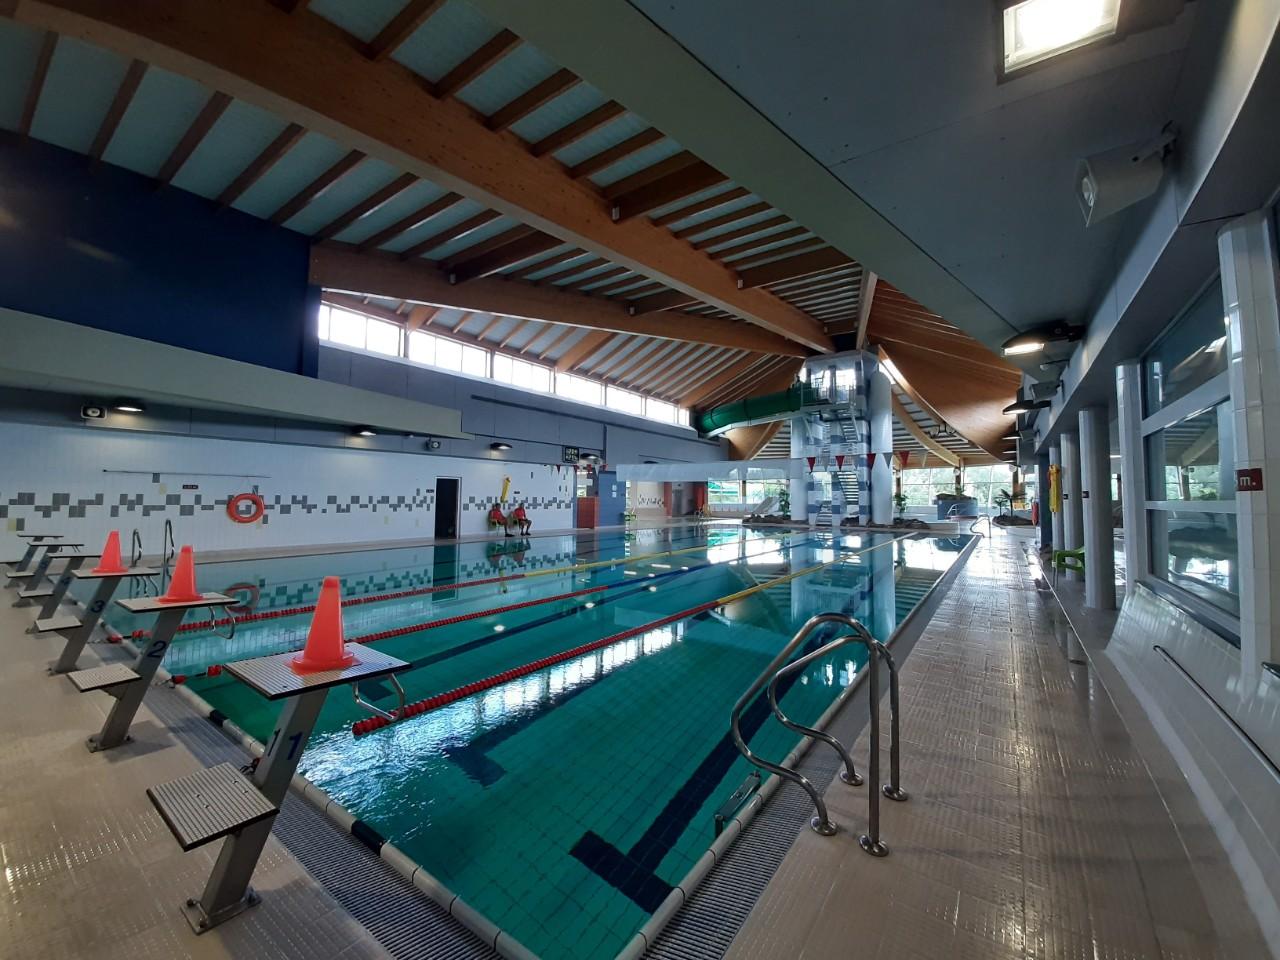 25m bad voor baantjeszwemmen